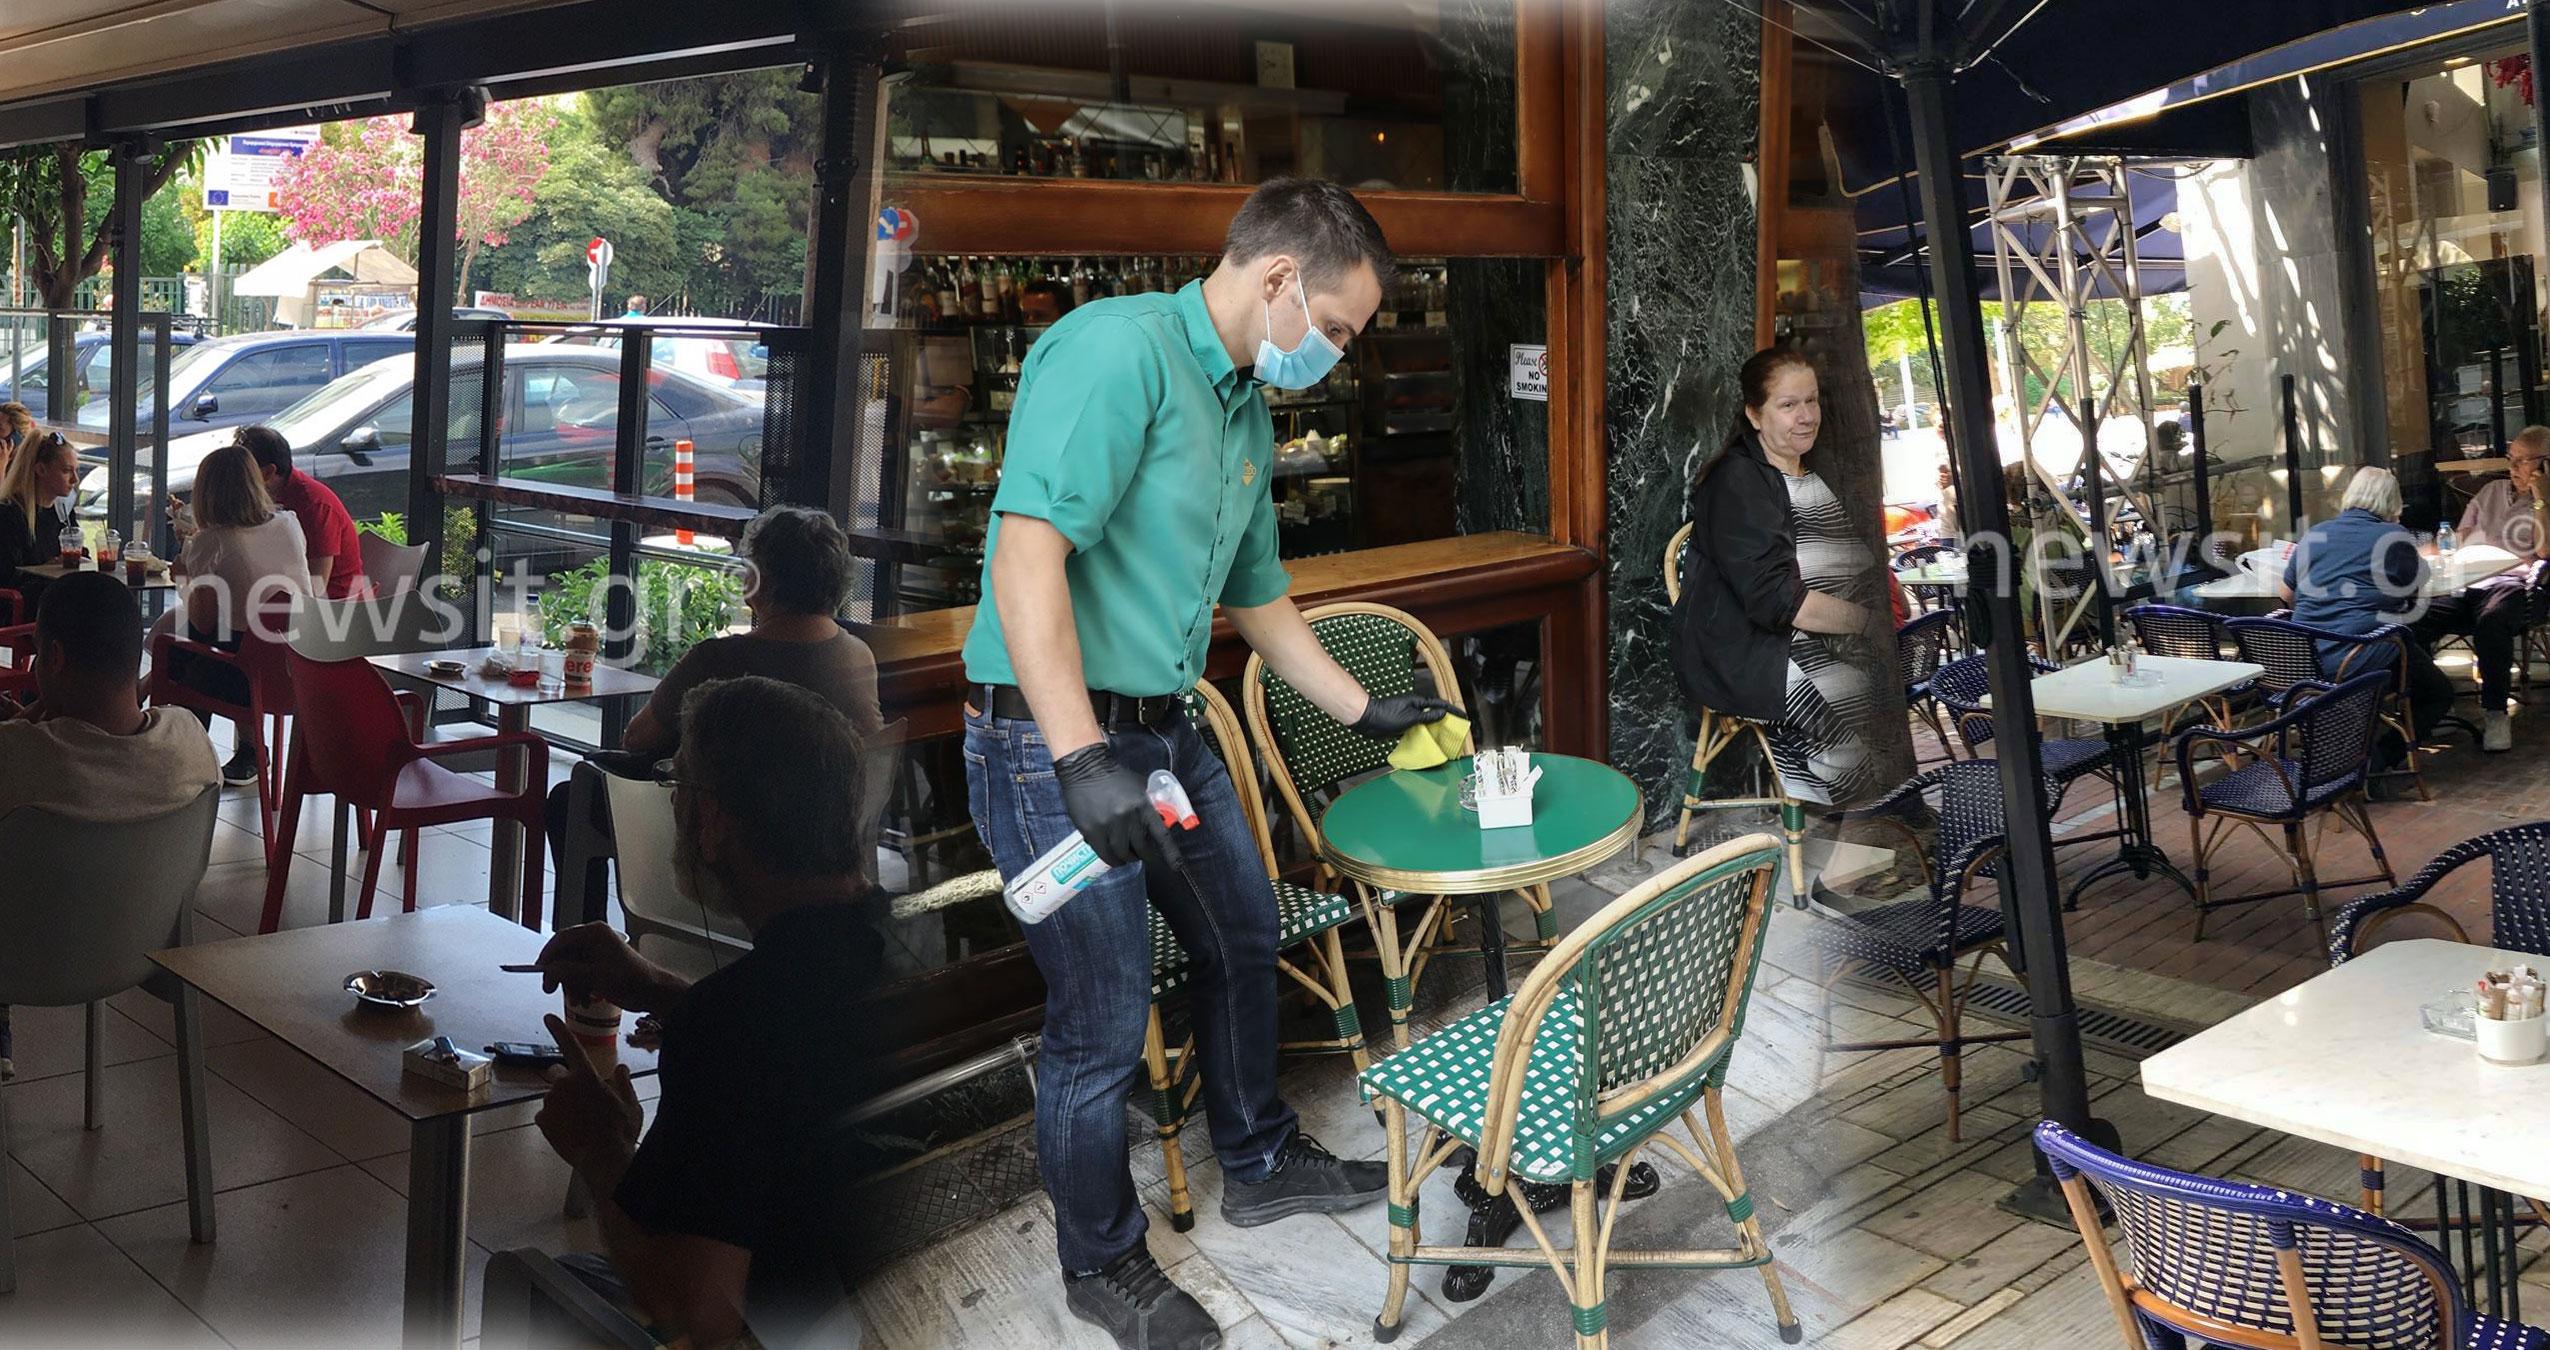 Μύρισε καφές και κανονικότητα: Γέμισαν οι καφετέριες από το Κολωνάκι μέχρι την Ερμού και τον Πειραιά